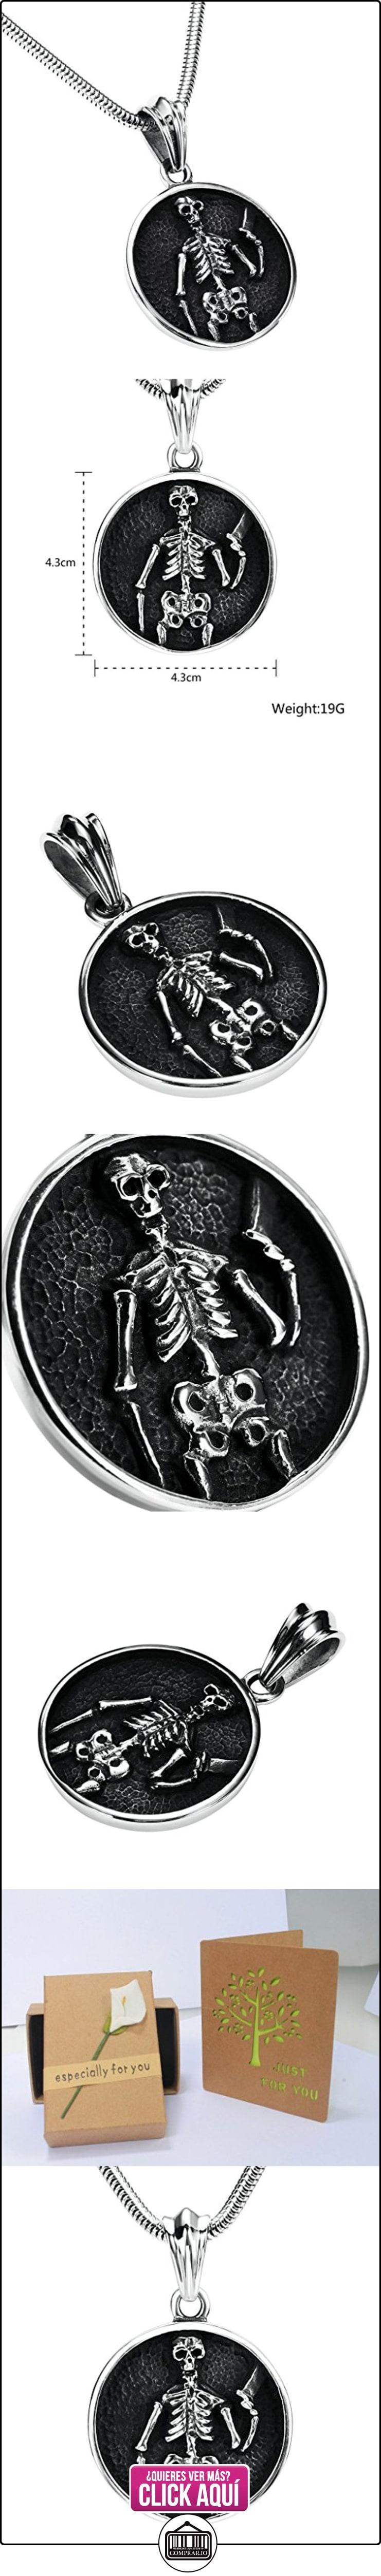 Daesar Joyería Collares de Hombre Acero Inoxidable Plata Redondo Escudo Calavera Colgante Esqueleto 4.3cm  ✿ Joyas para niños - Regalos ✿ ▬► Ver oferta: https://comprar.io/goto/B01MQKC2UL